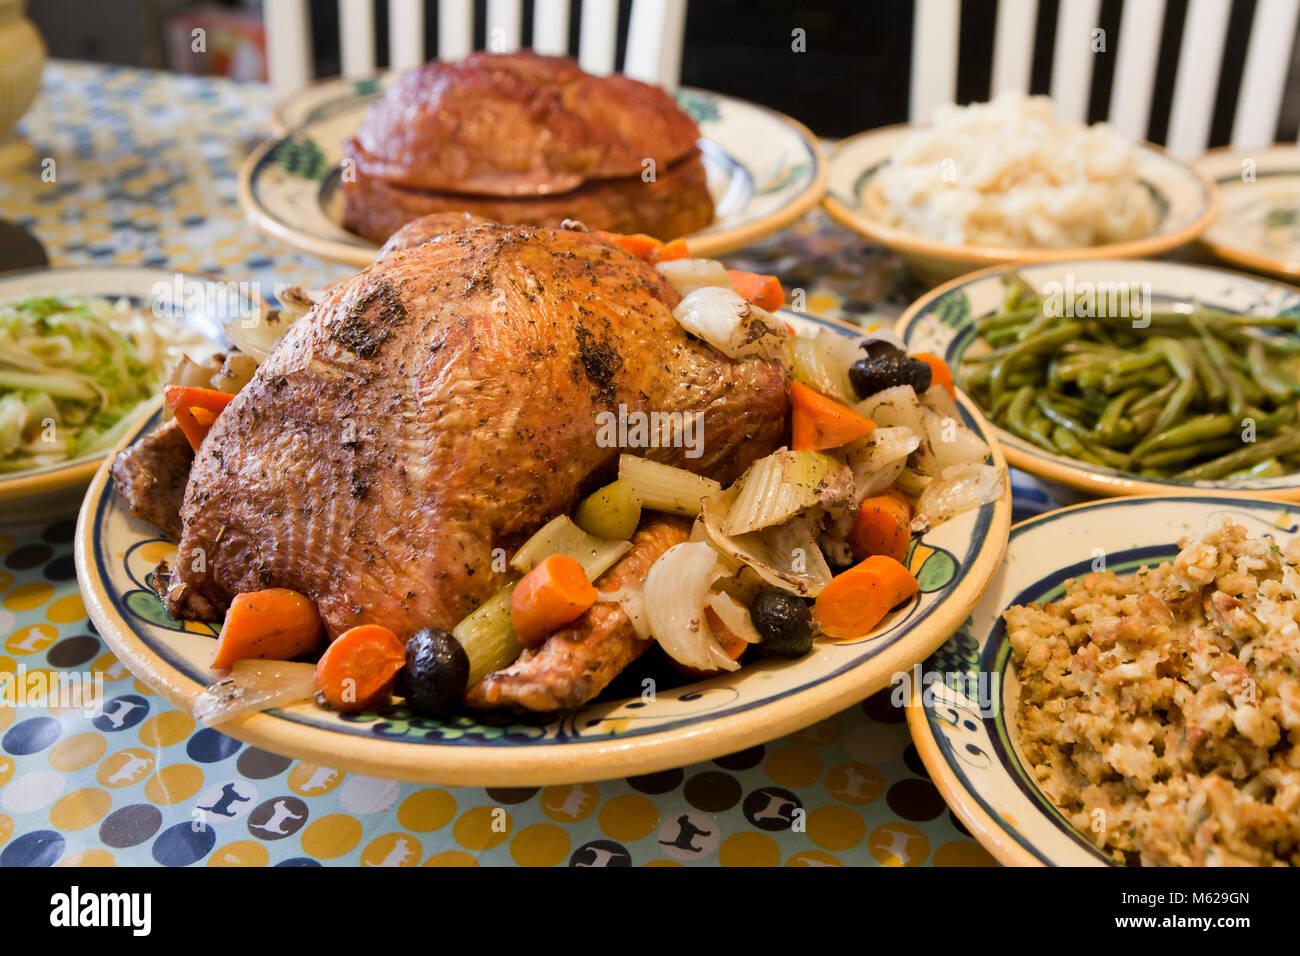 Ringraziamento Turchia la cena messa in tavola - USA Immagini Stock